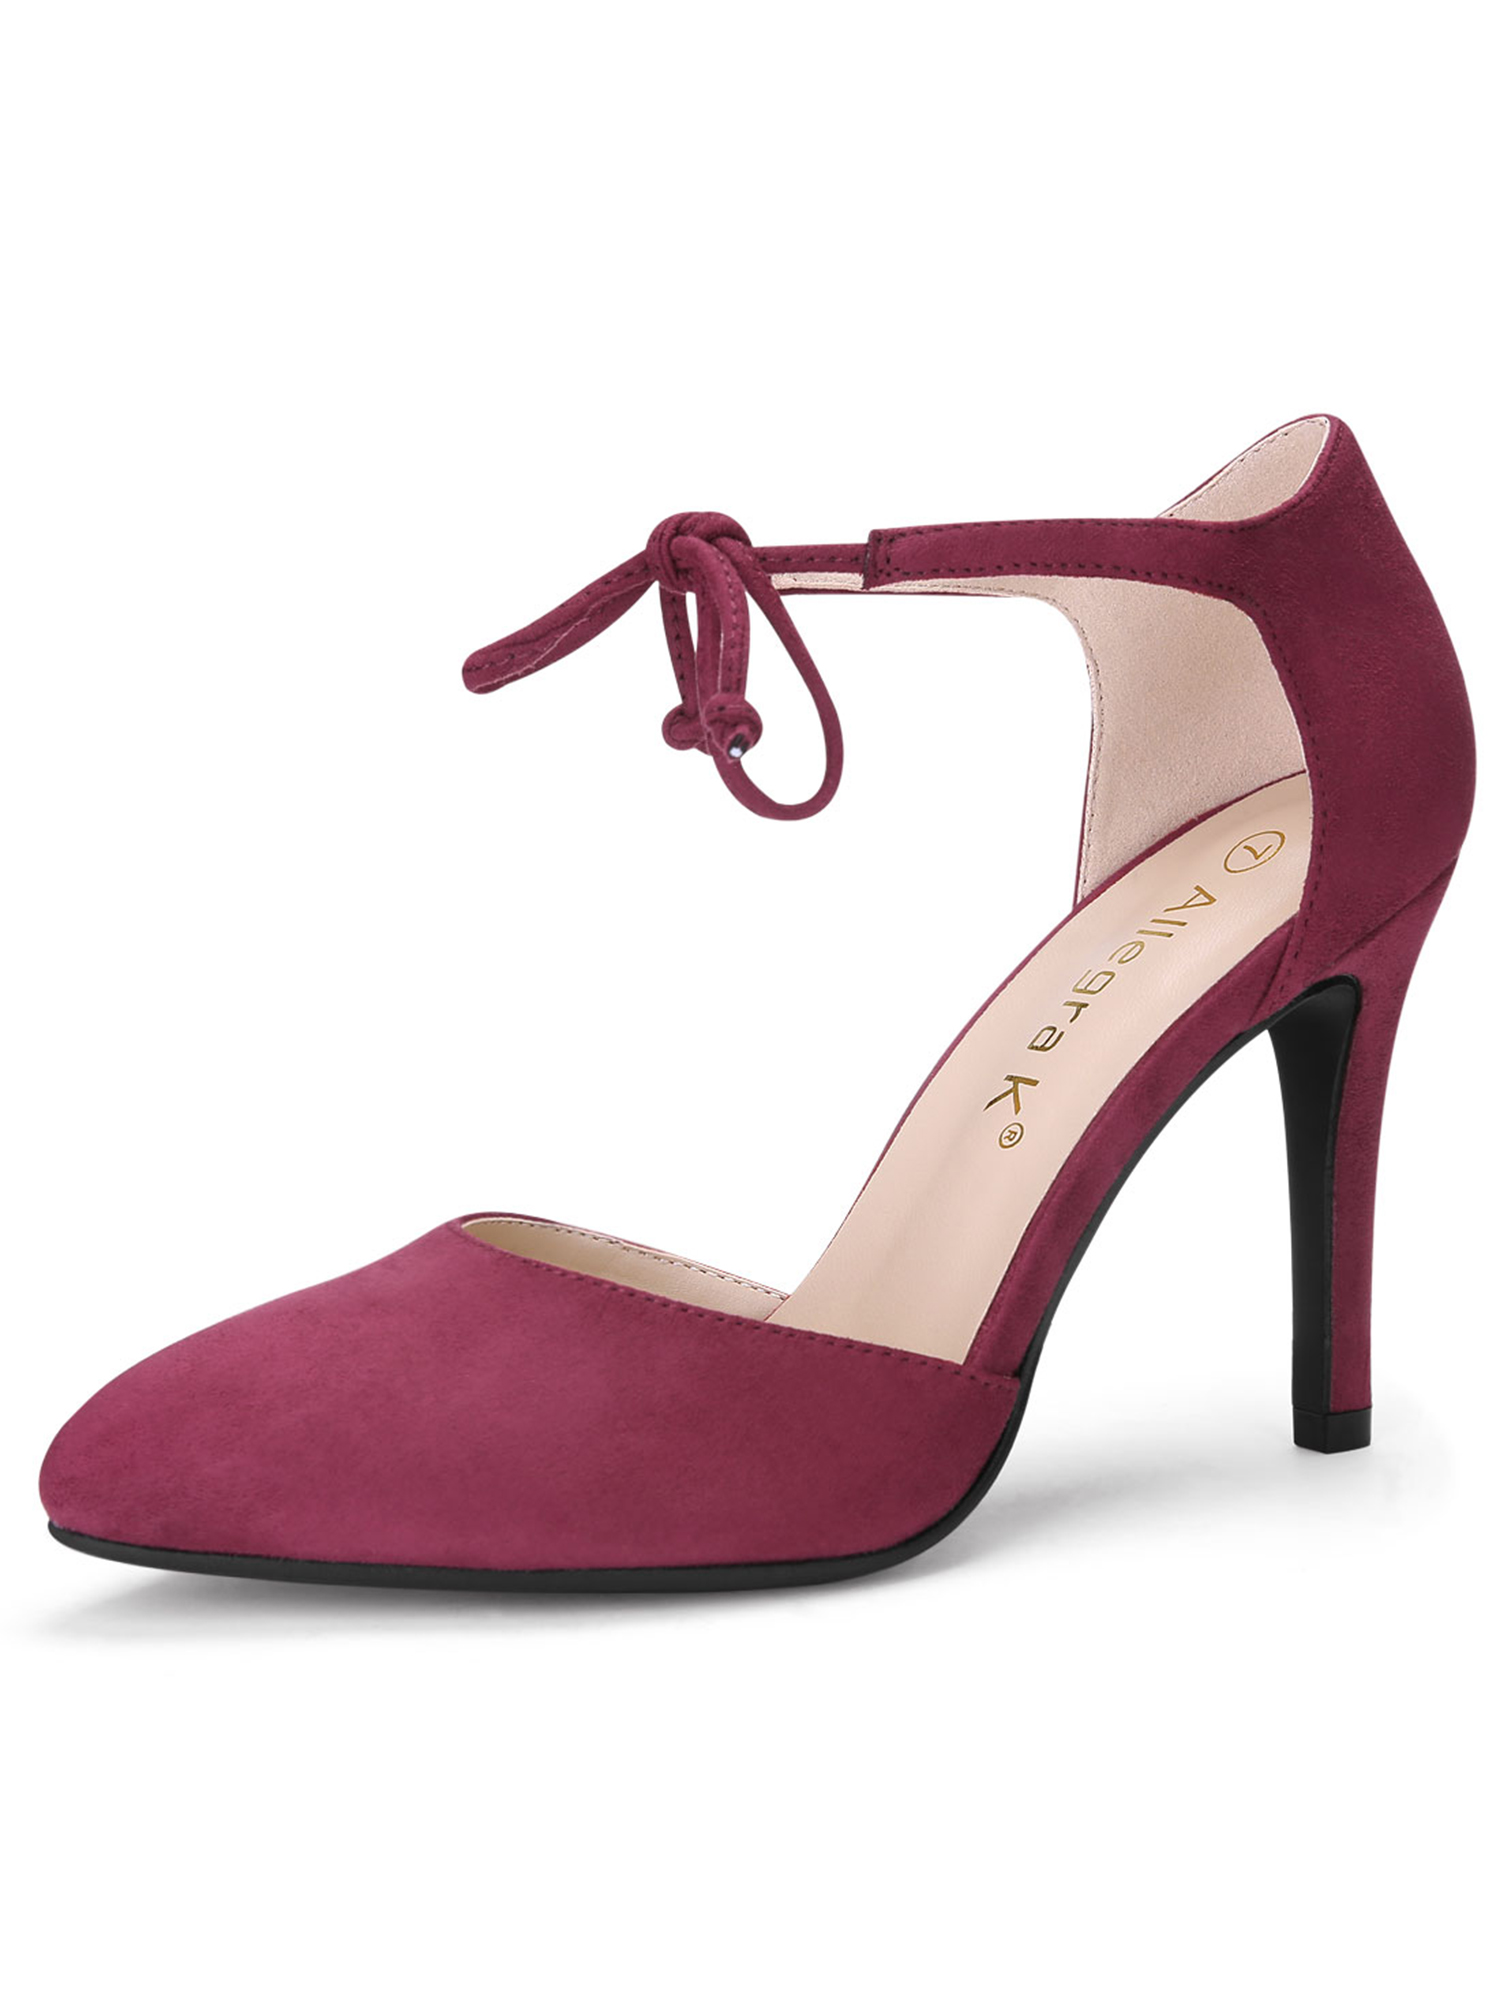 e227fcf915b4 Unique Bargains Women s Ankle Tie Stiletto Pointed Toe Pumps Burgundy (Size  9.5)